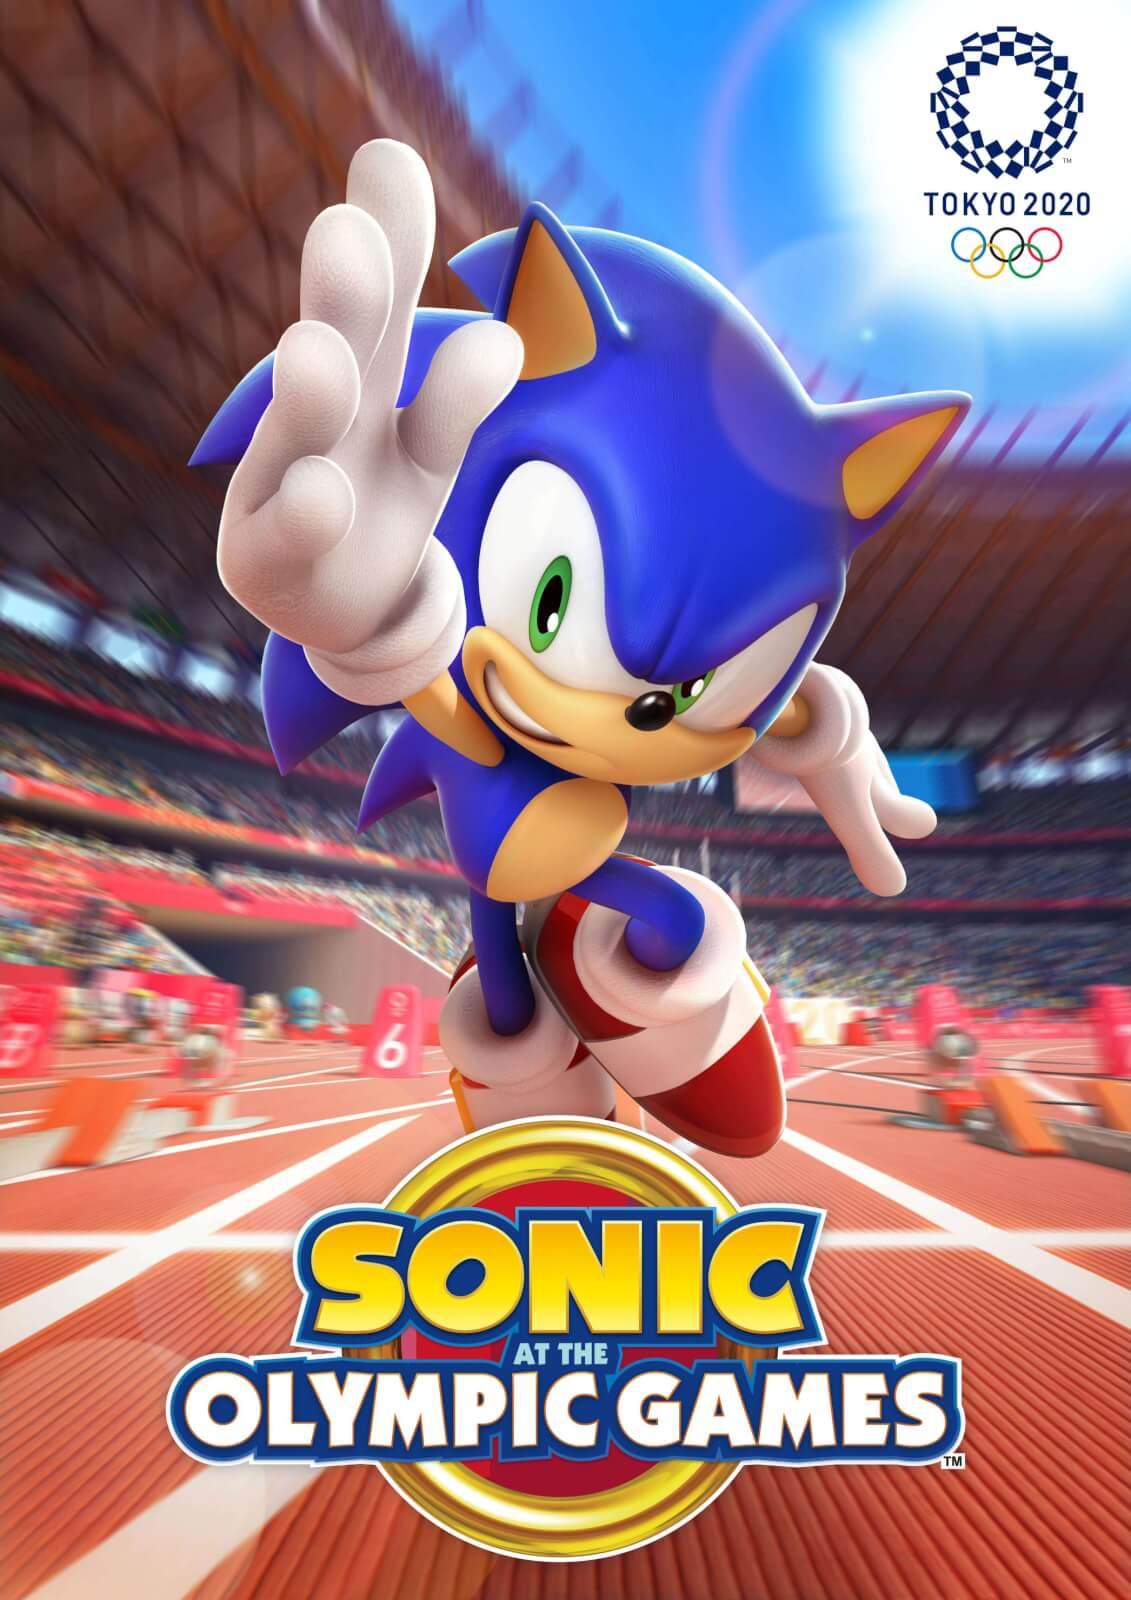 Foto de Sonic nos Jogos Olímpicos de Tóquio 2020  já está disponível!